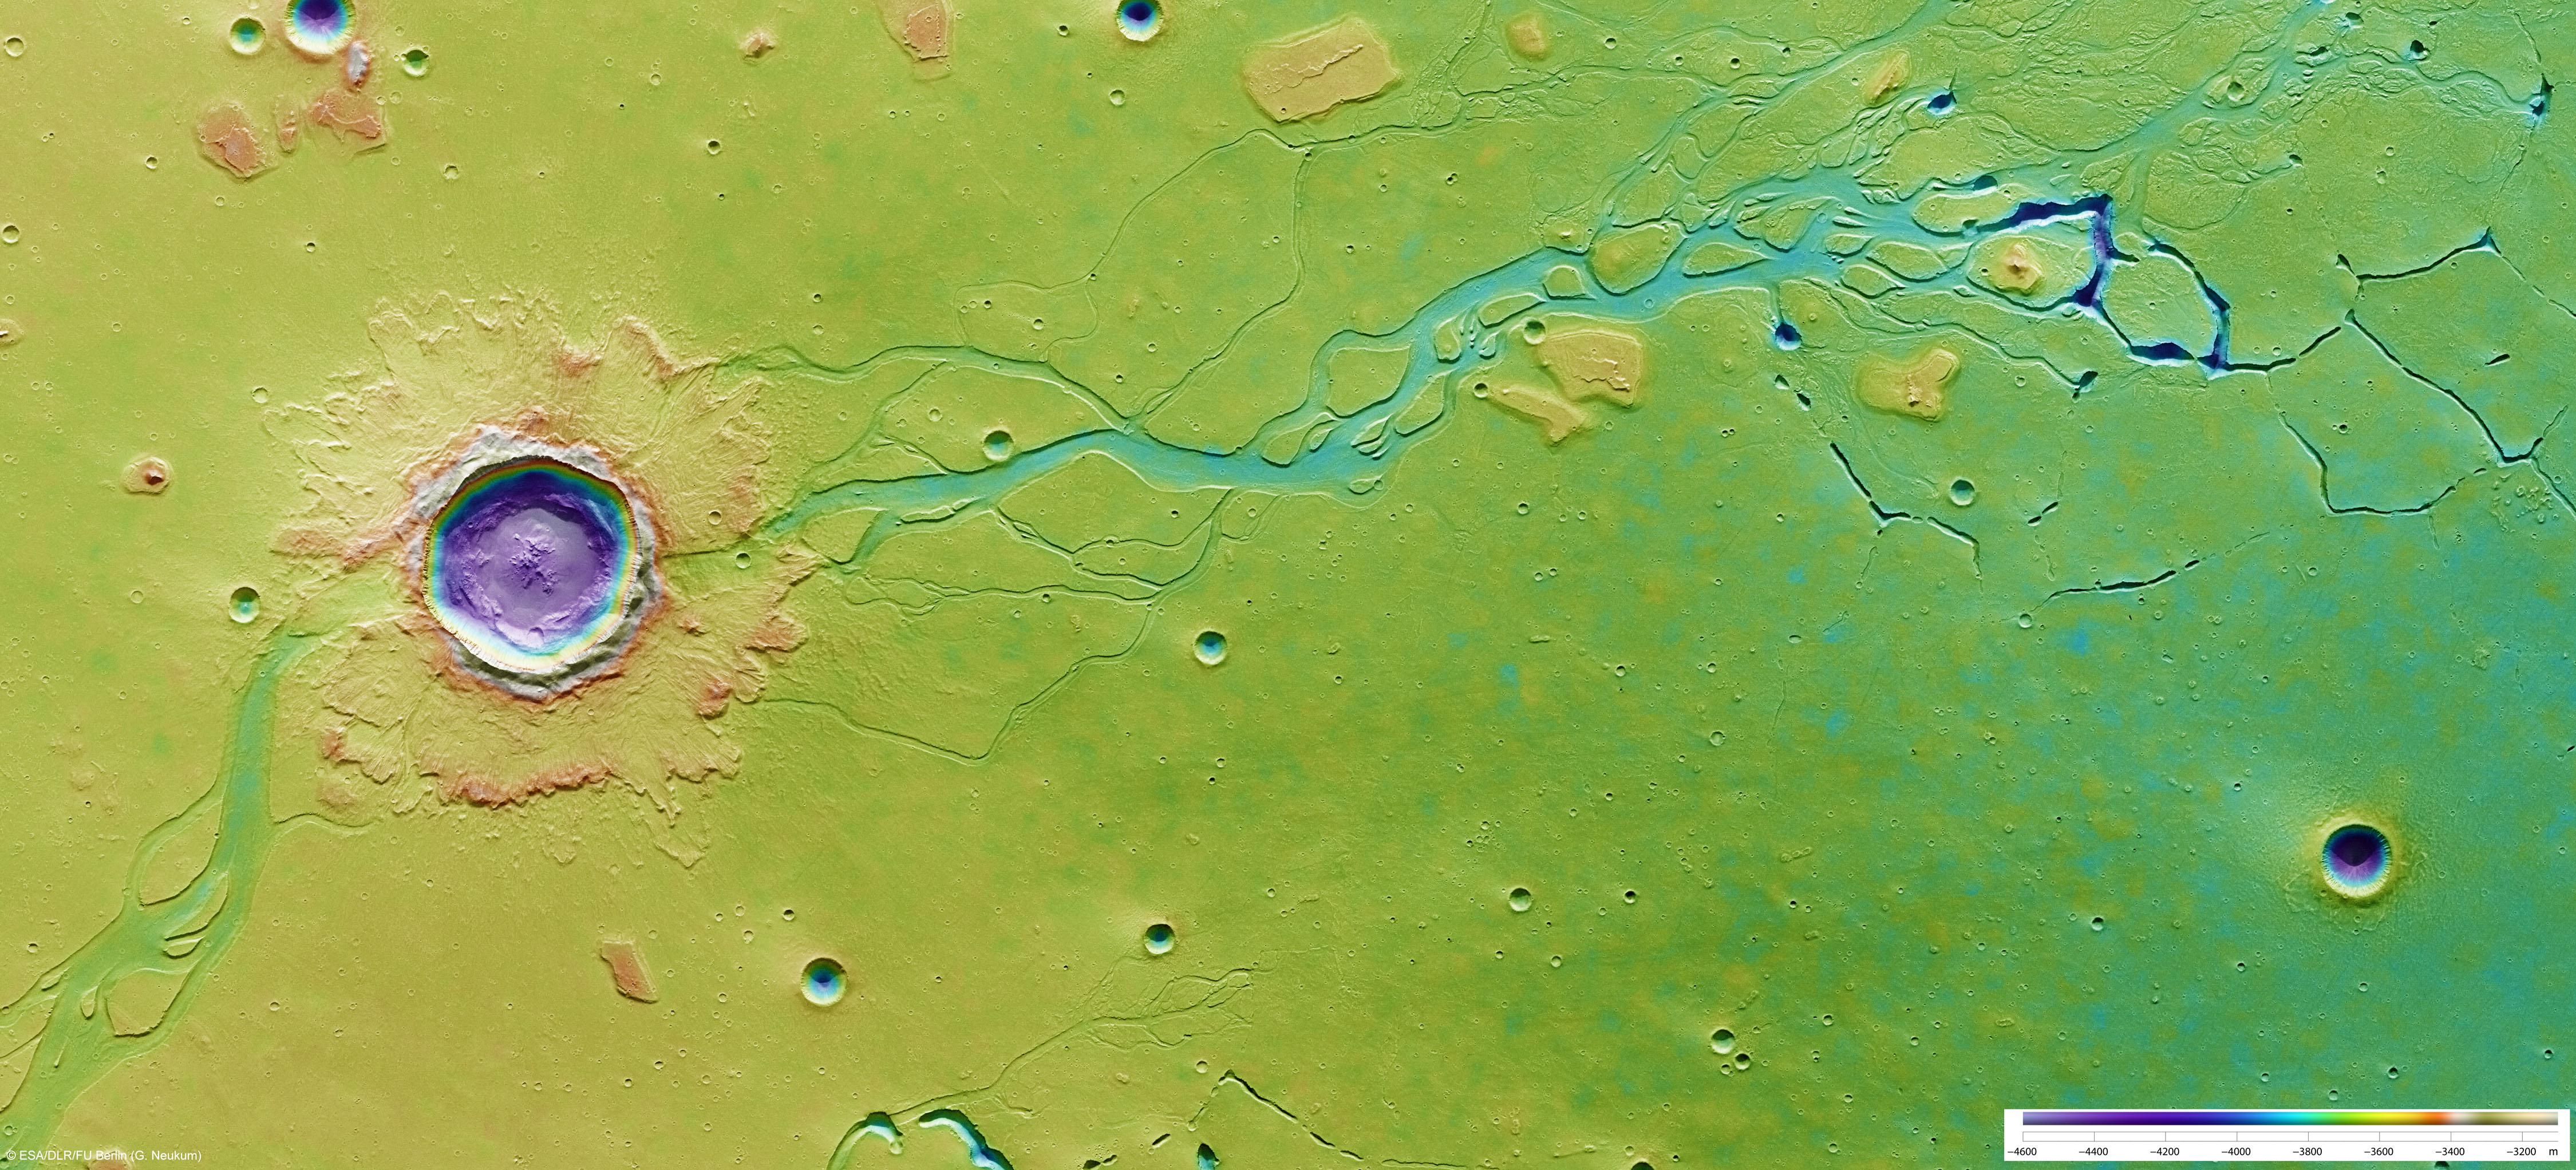 Impacto en Hebrus Vallis. Fuente: ESA/DLR/FU Berlin (G. Neukum)